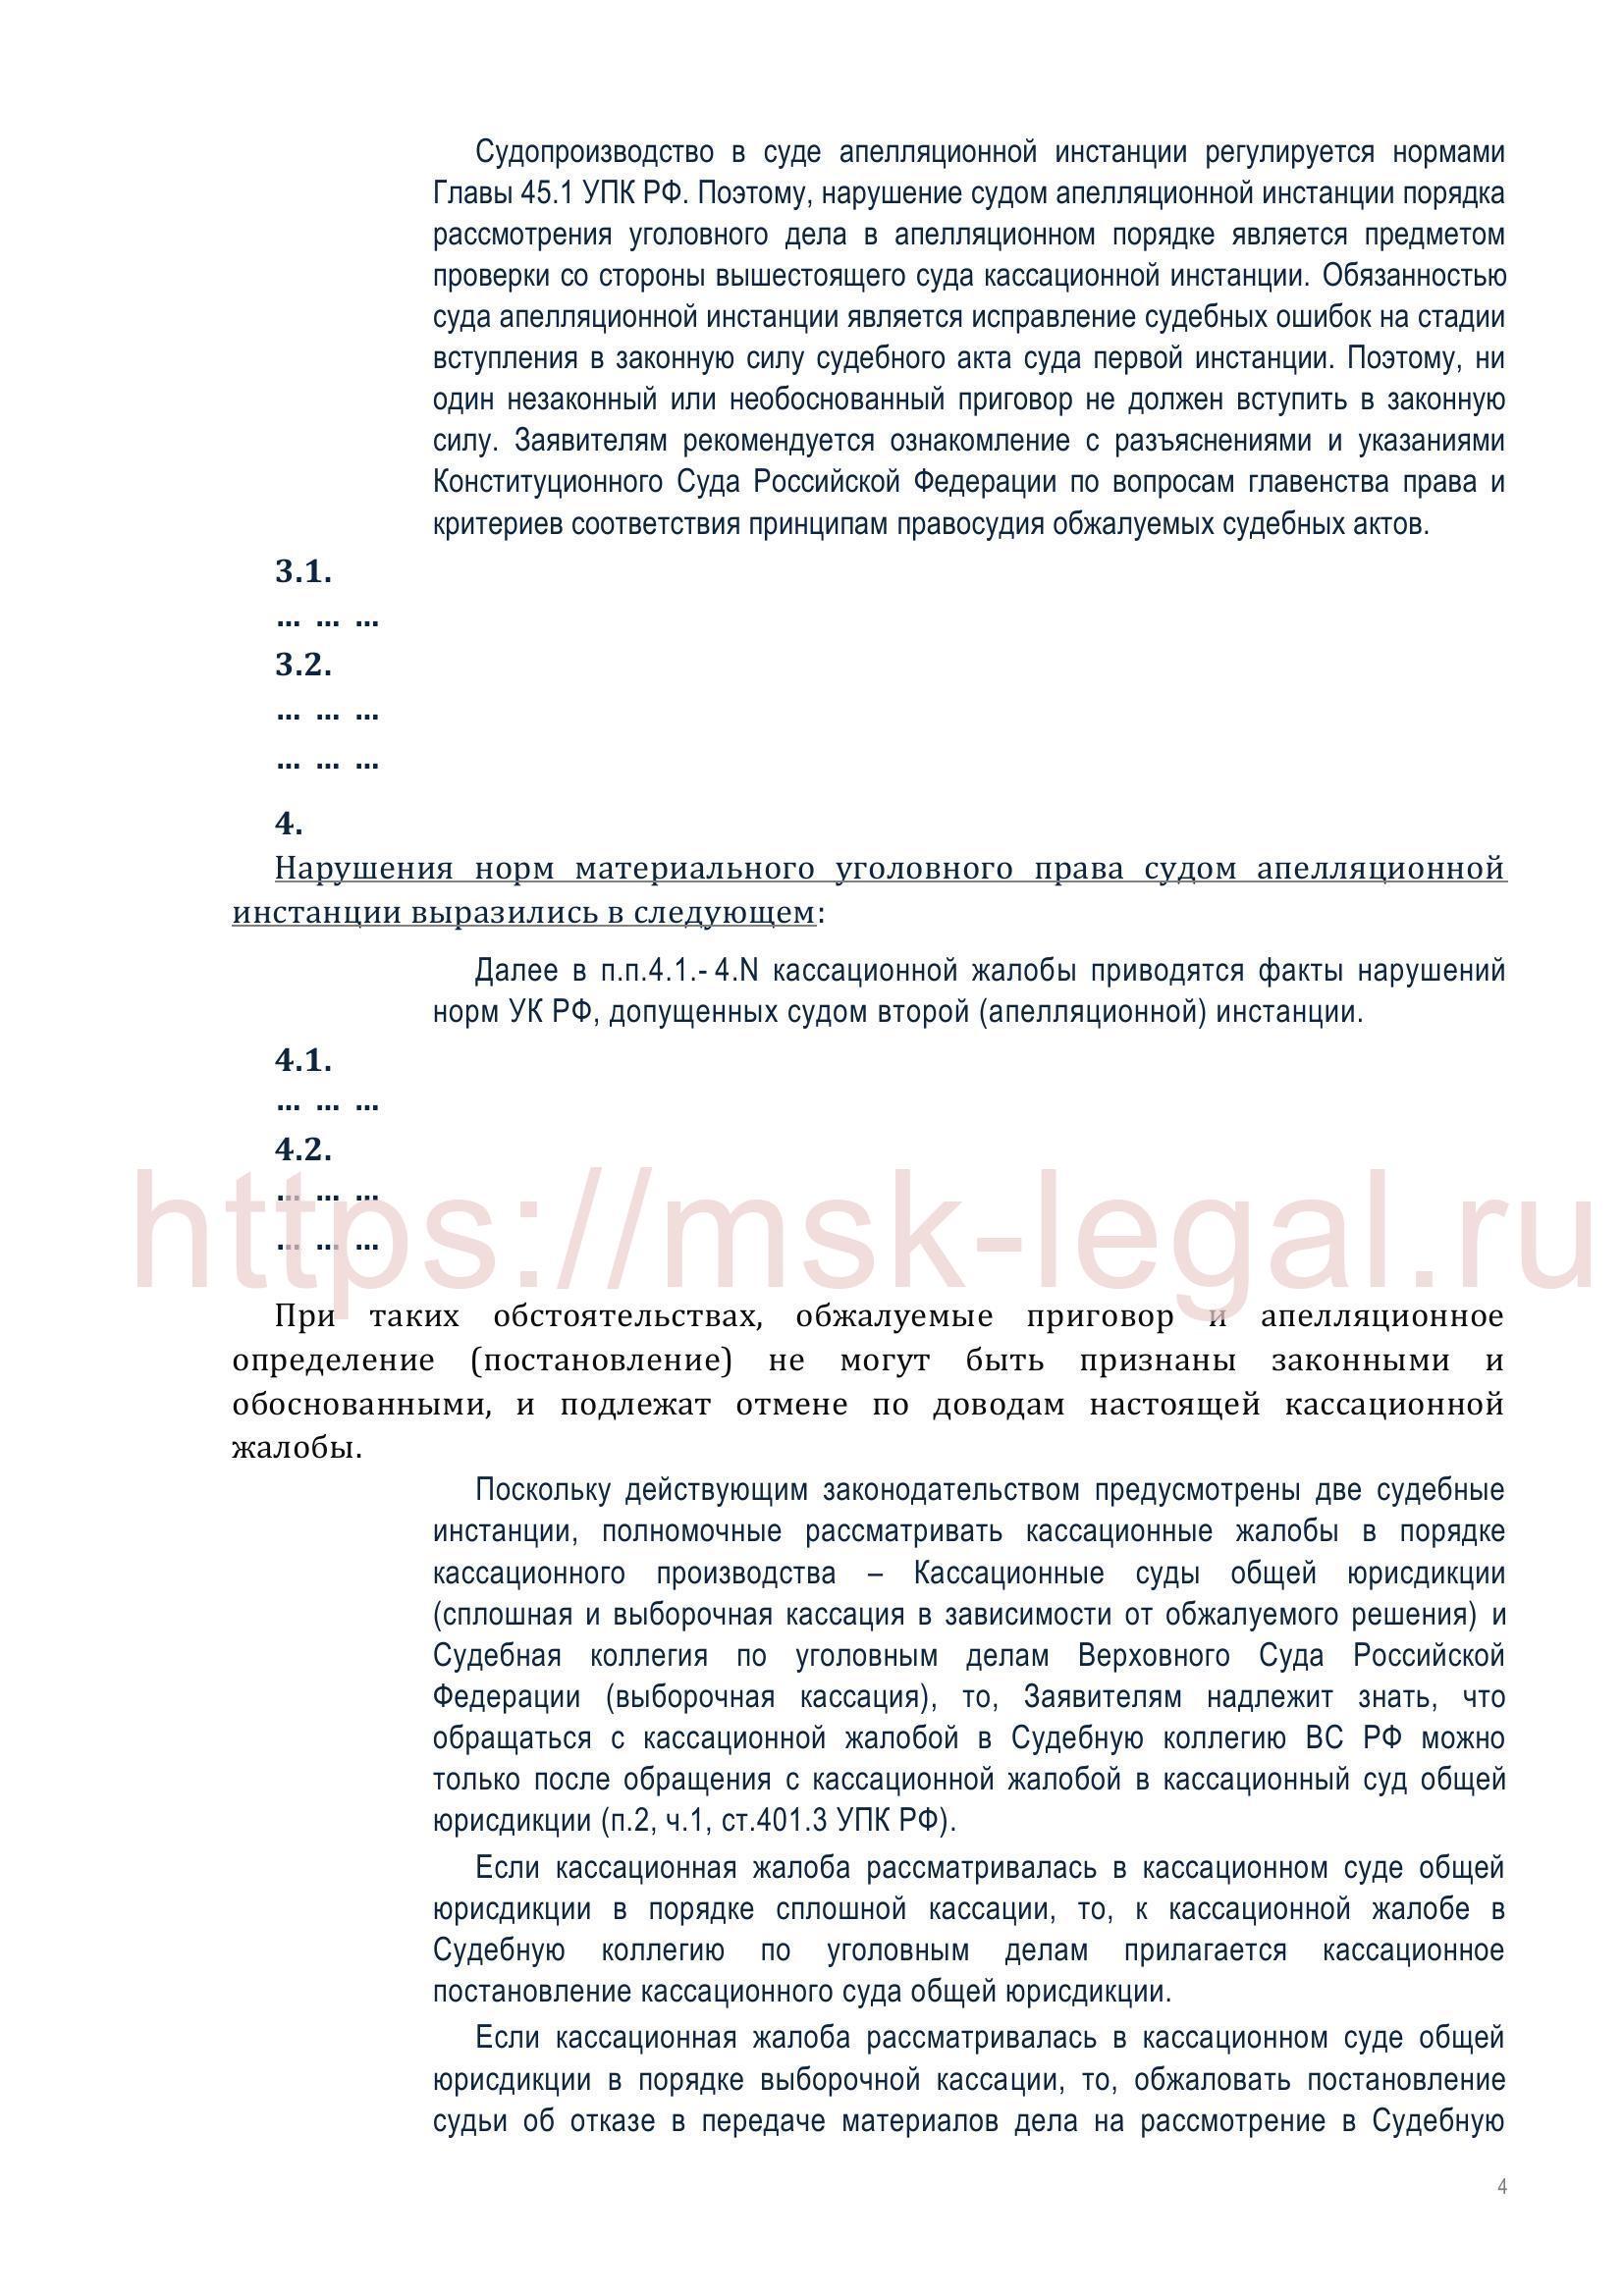 Кассационная жалоба в Судебную коллегию по уголовным делам N-го кассационного суда общей юрисдикции